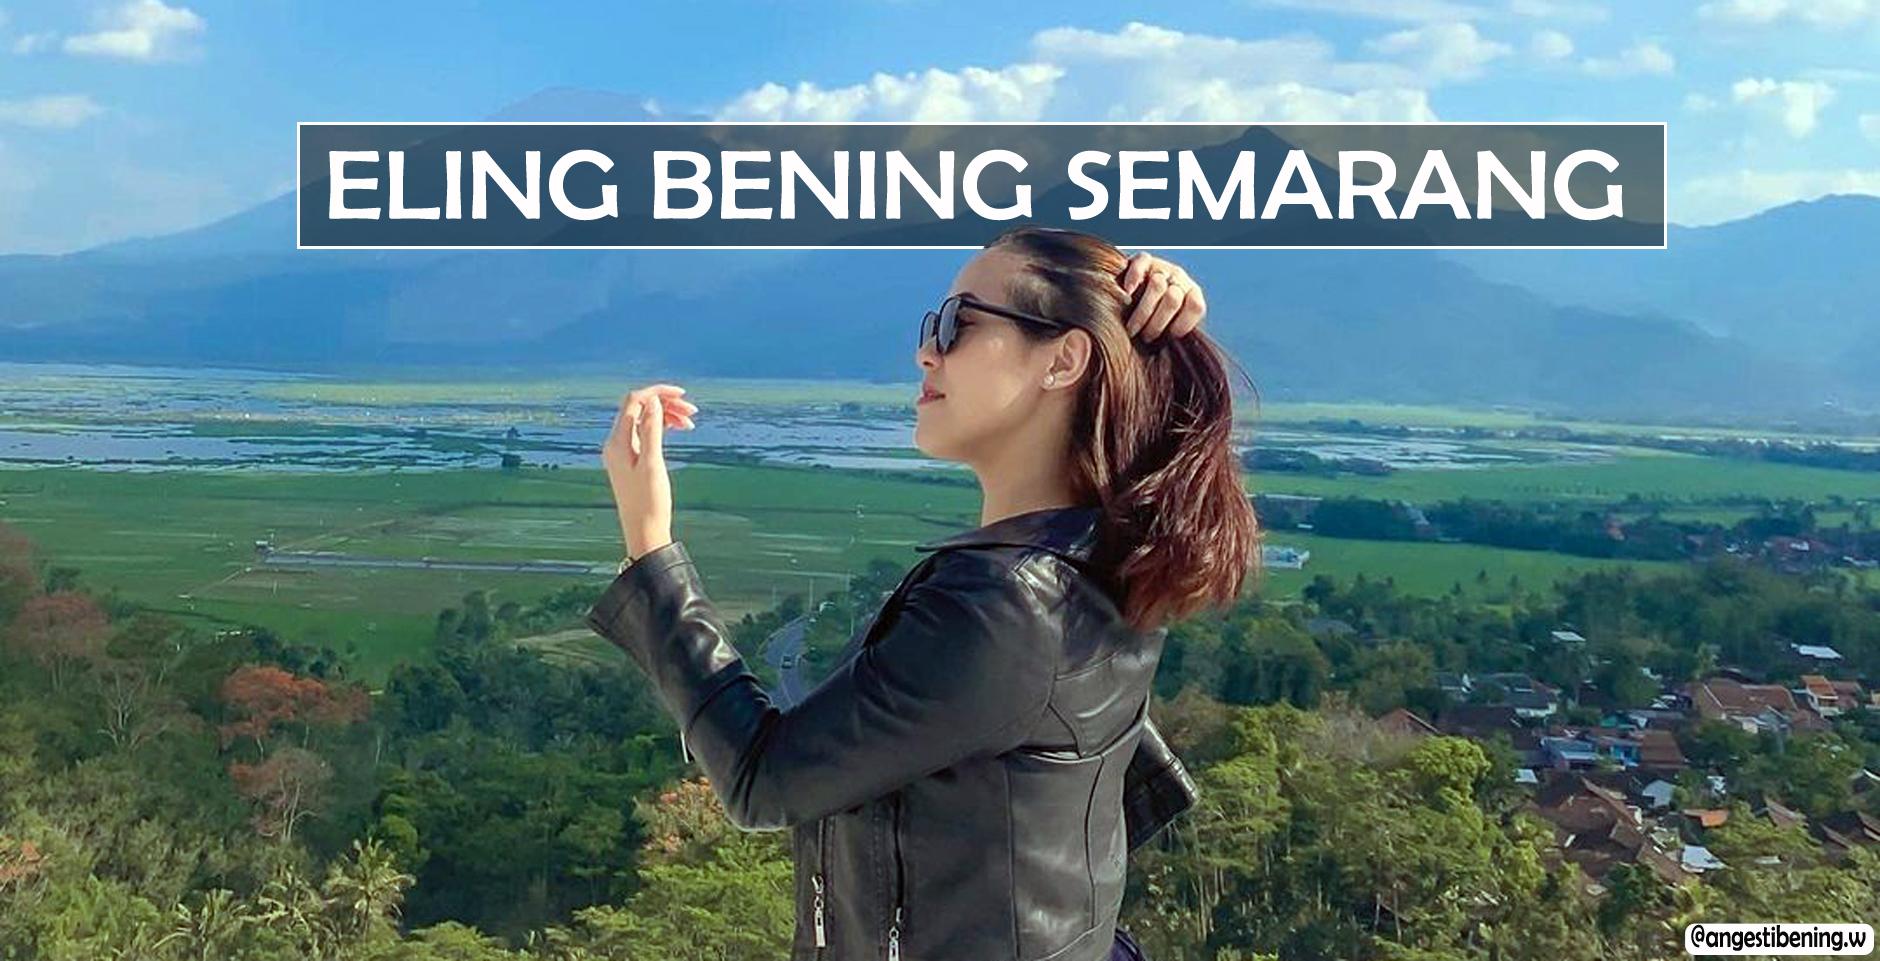 Eling Bening Semarang , Objek Wisata di Atas Awan yang Menawan